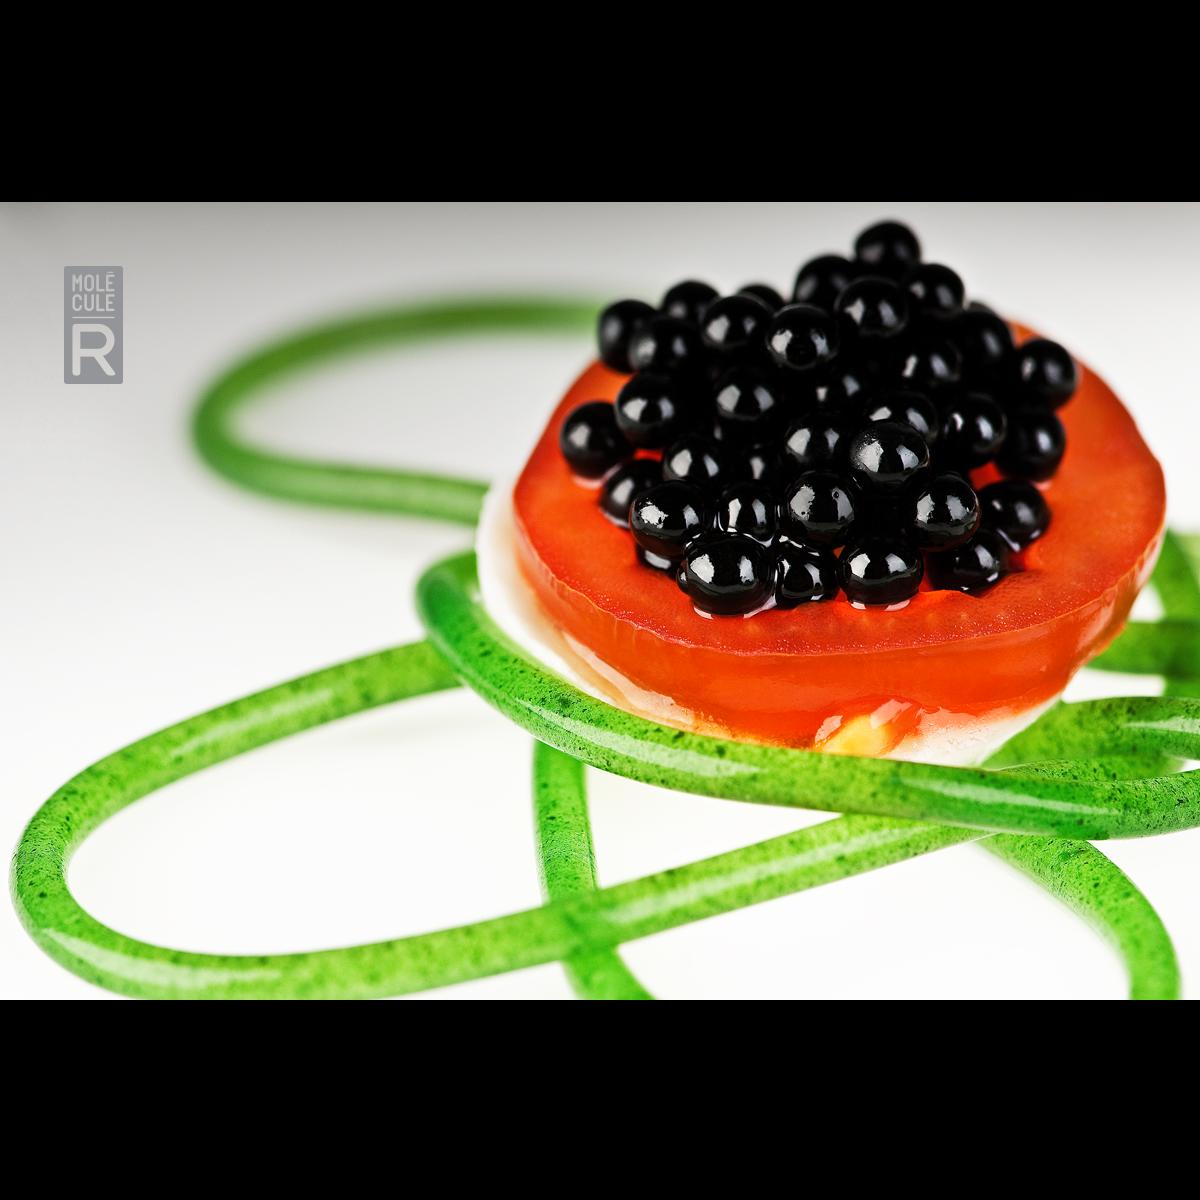 molecule r cuisine r evolution 45635904729. Black Bedroom Furniture Sets. Home Design Ideas